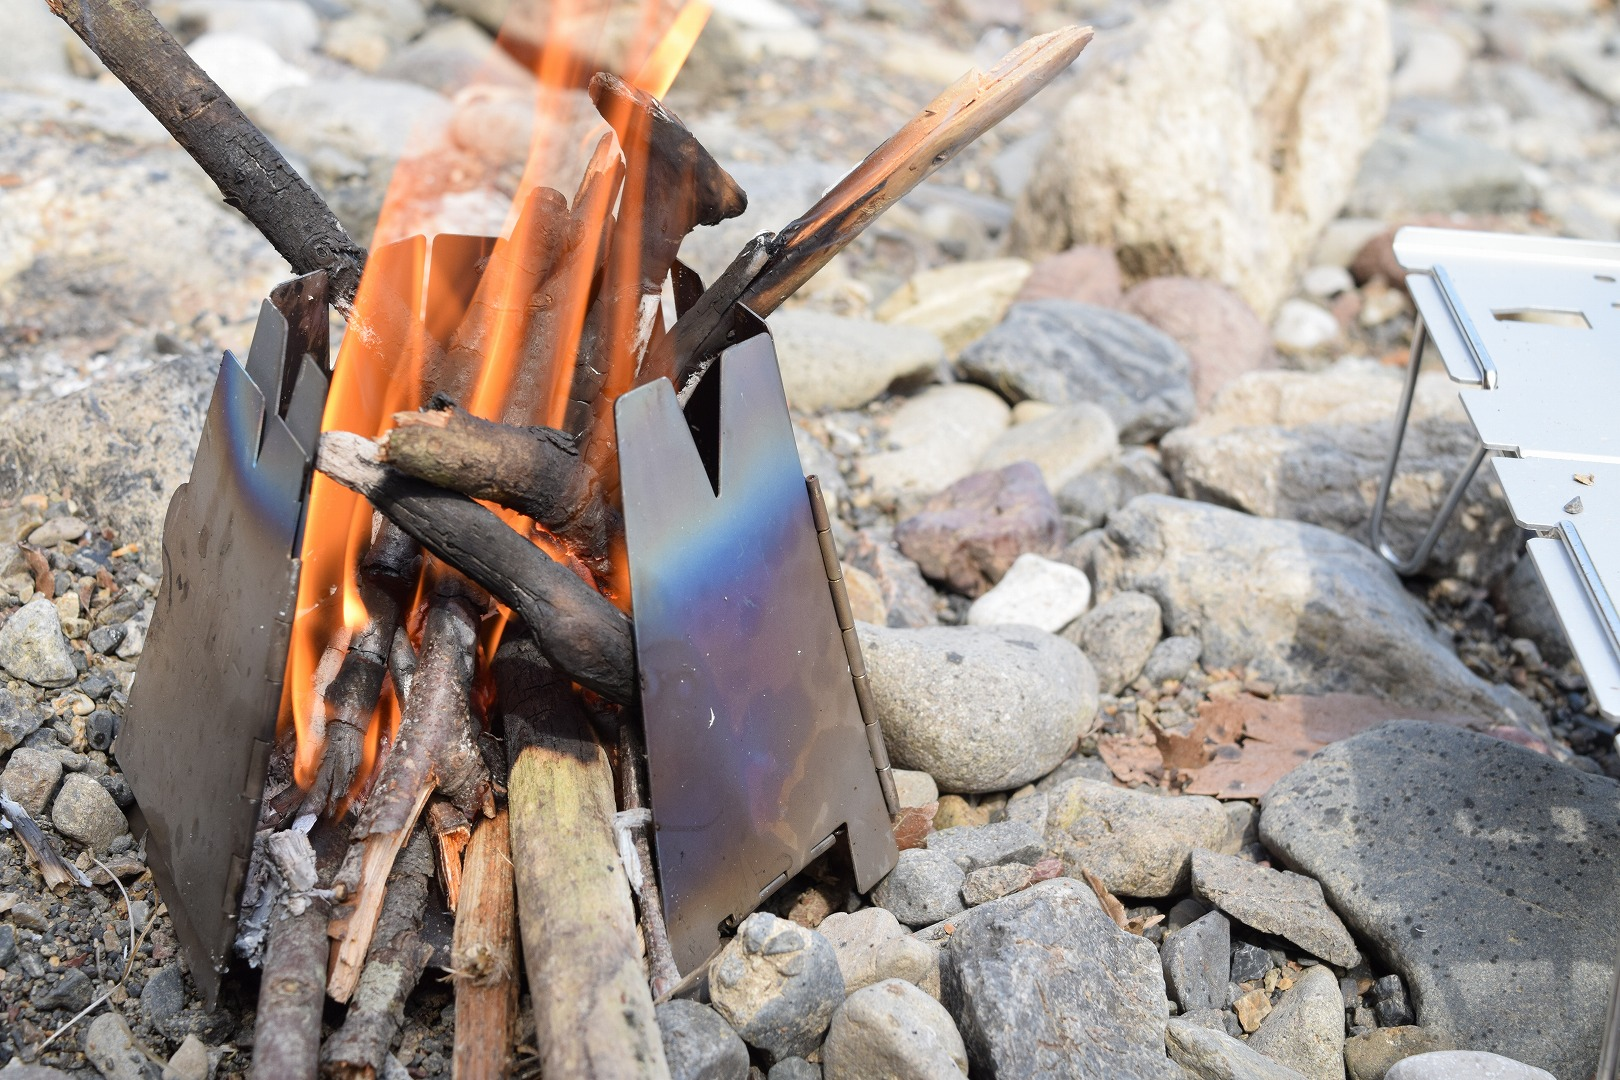 【ギアレビュー】バーゴのウッドストーブは調理にも焚火にも!軽量キャンプやロングハイキングに使える!